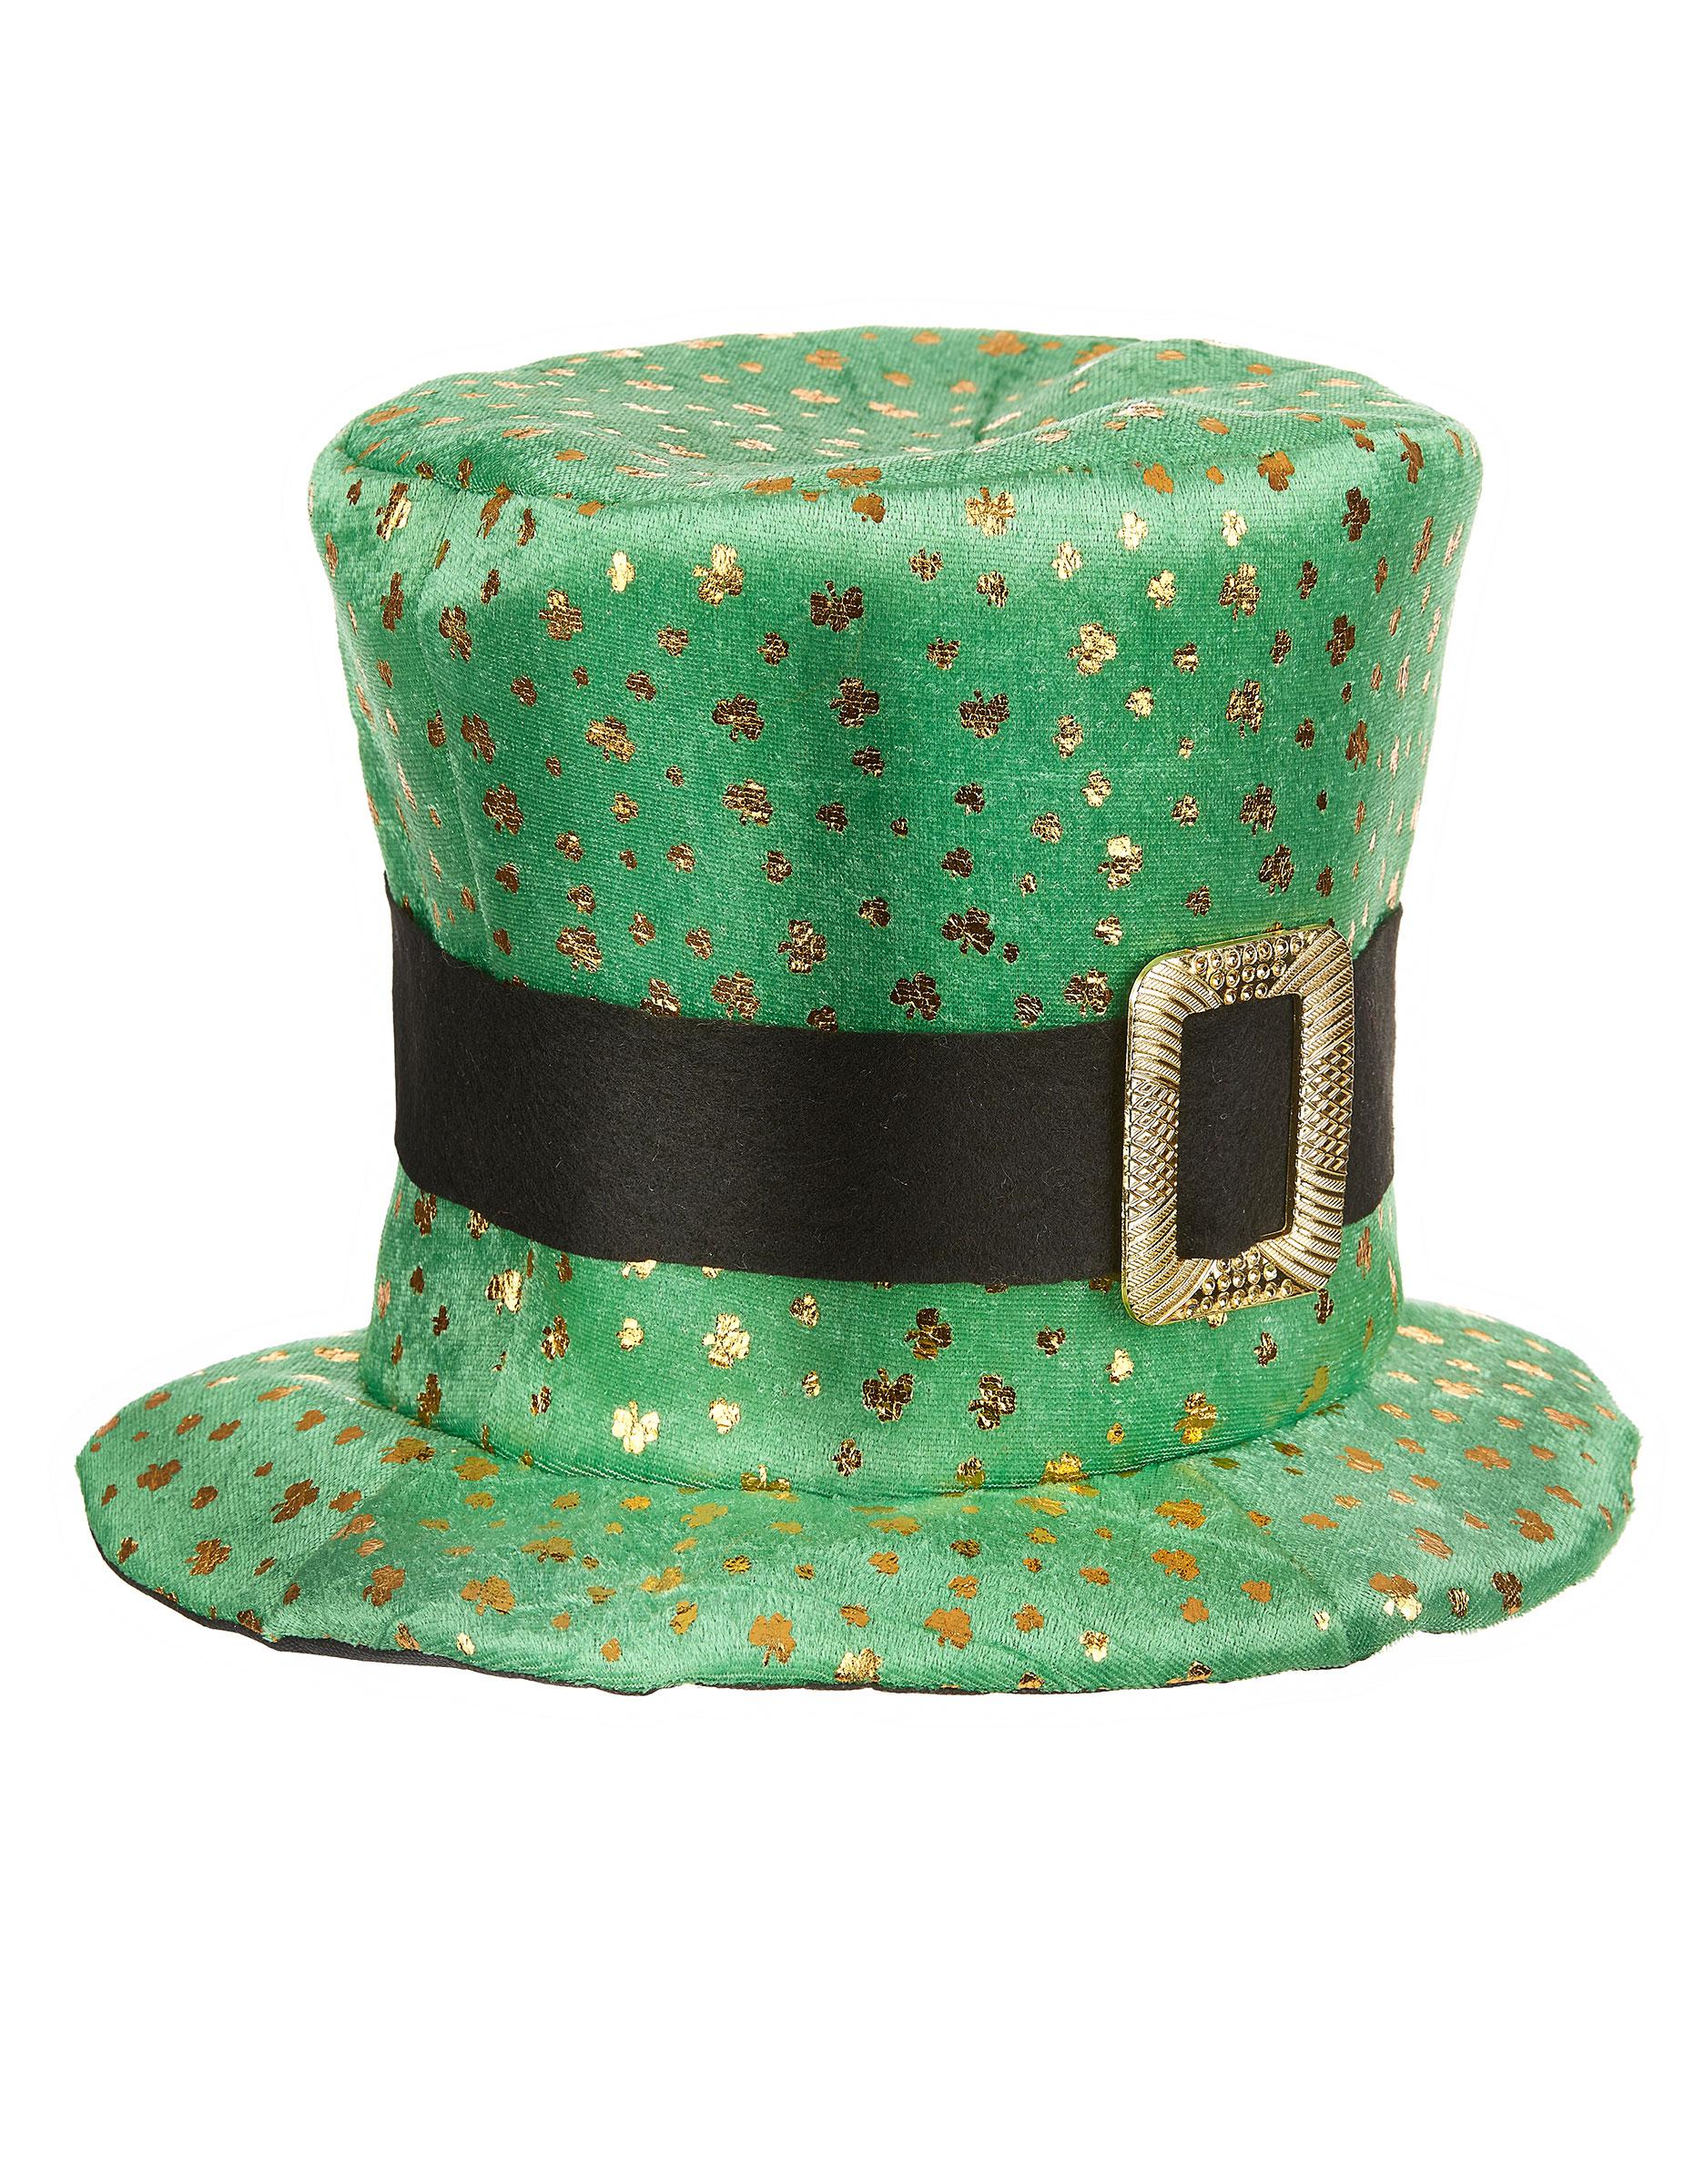 Cappello verde a cilindro per San Patrizio su VegaooParty f5cdaf1605e6